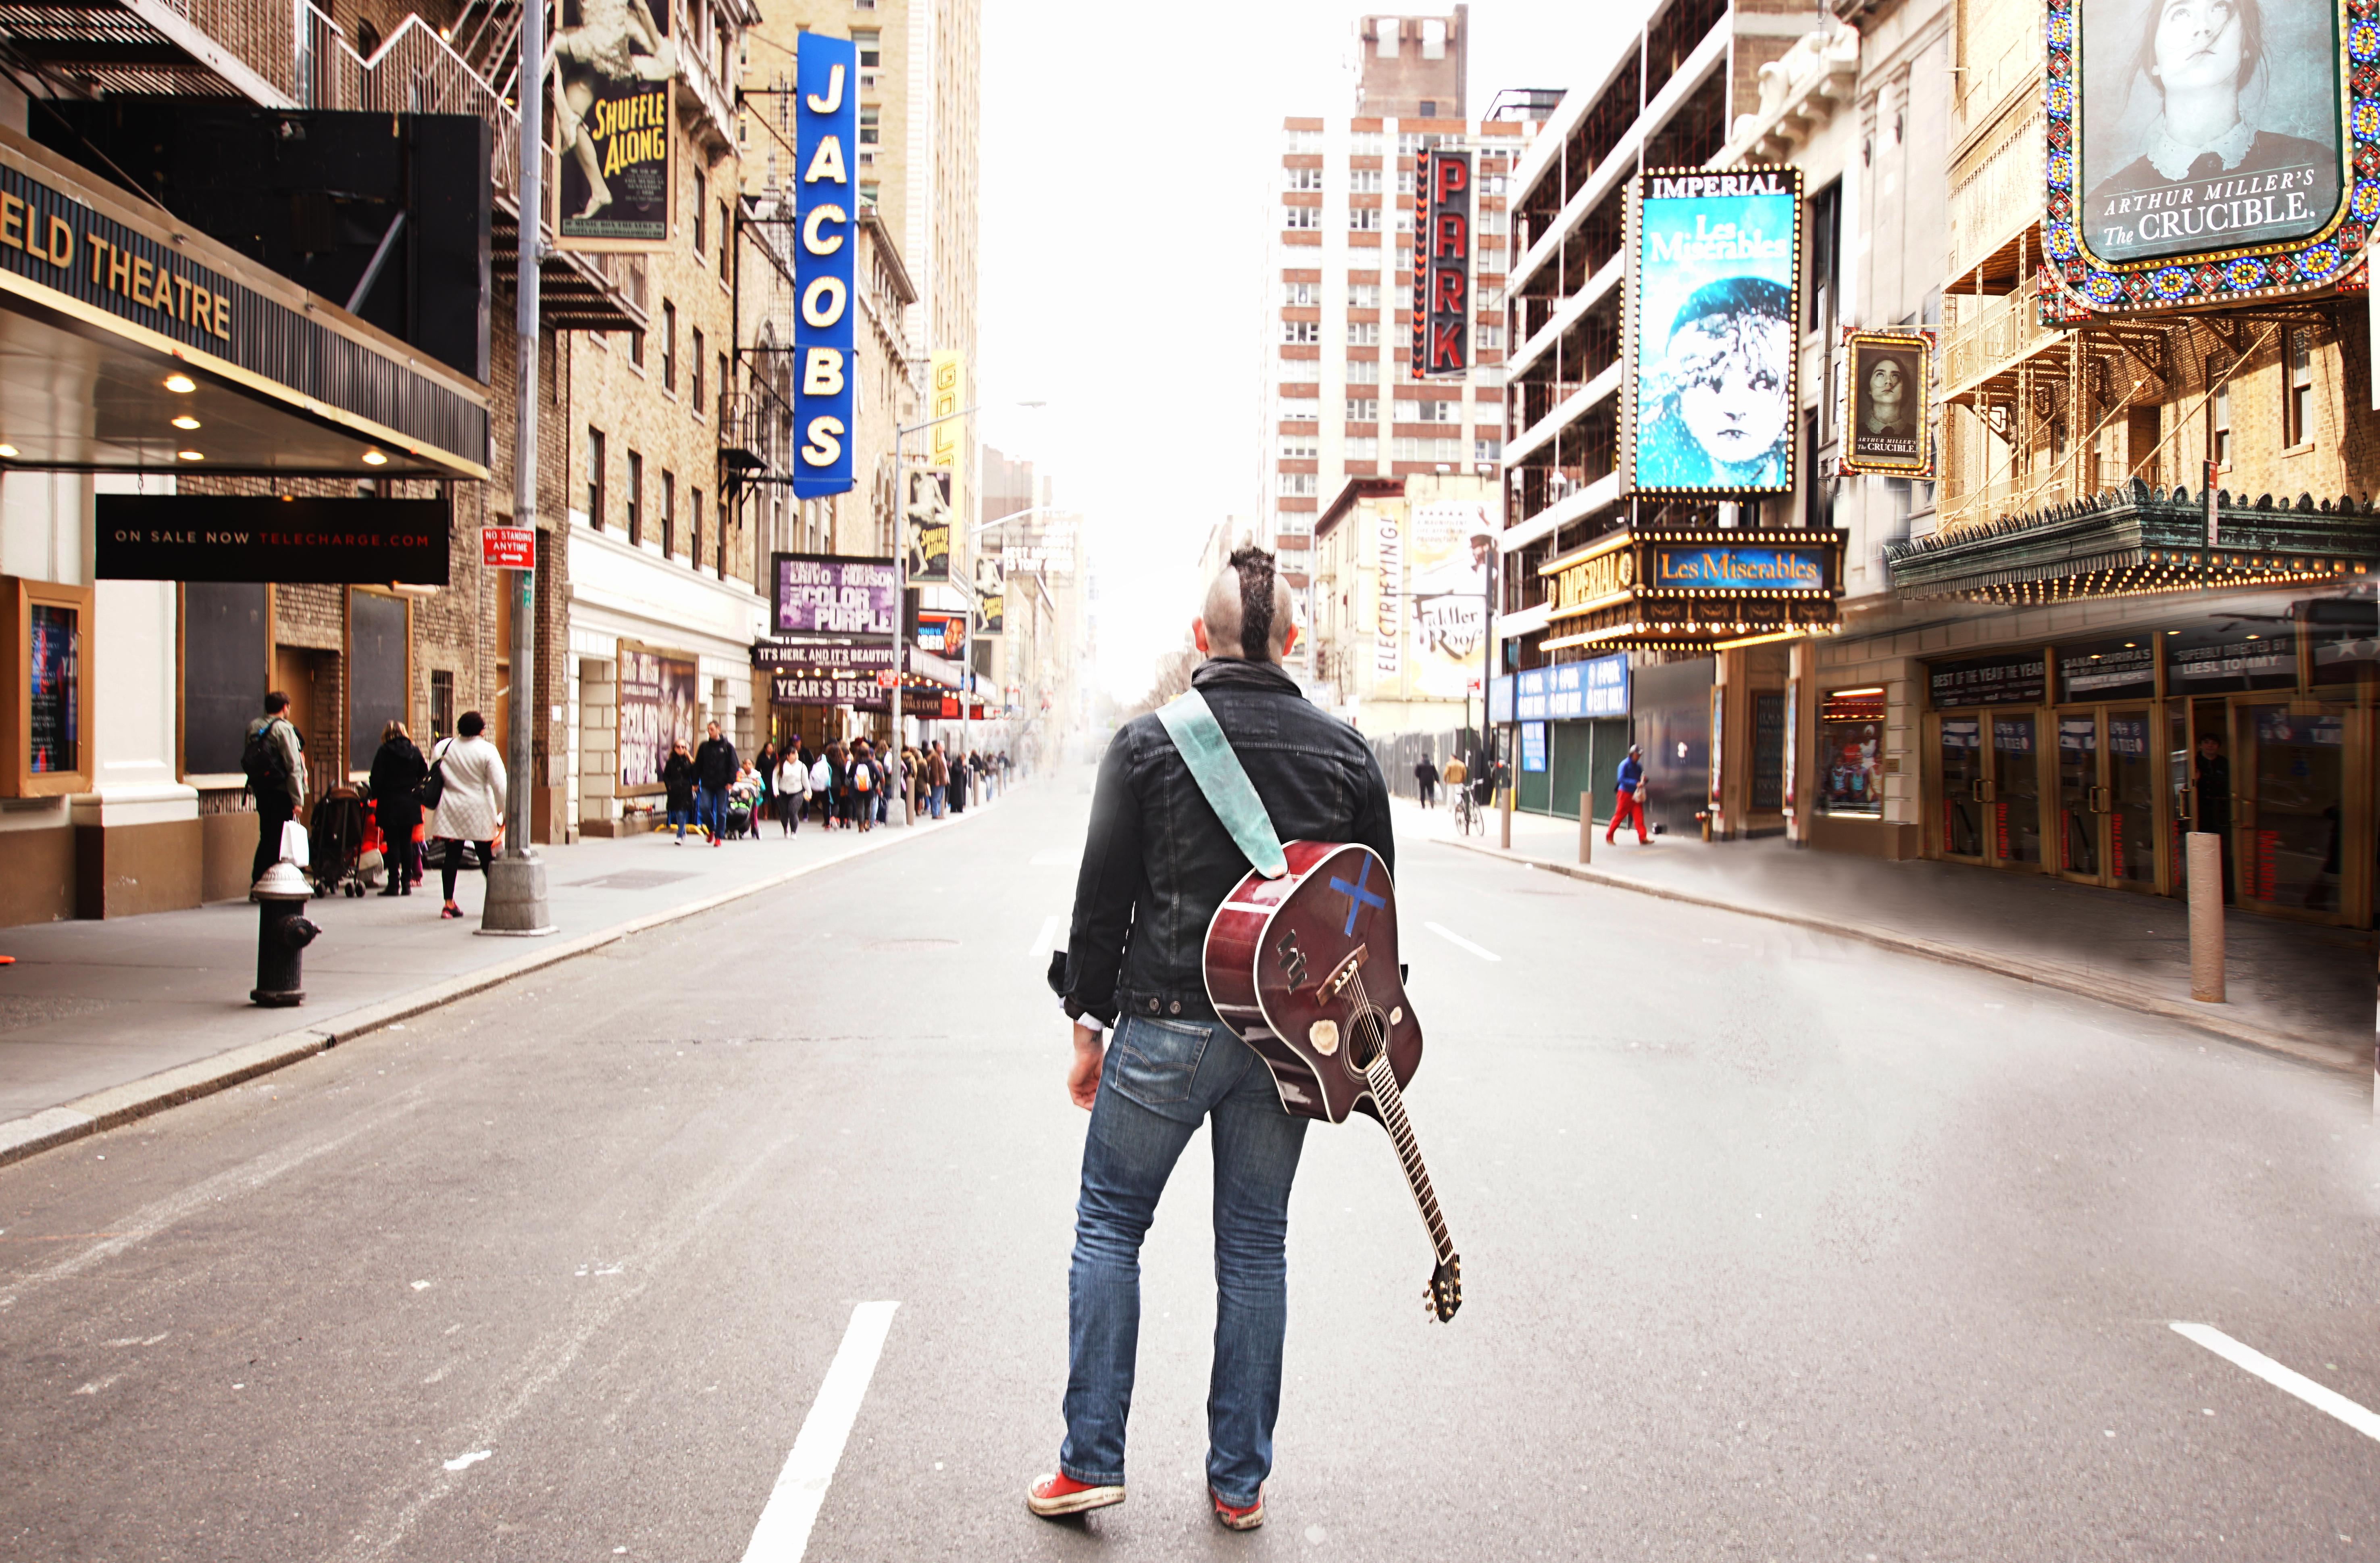 Busking Broadway